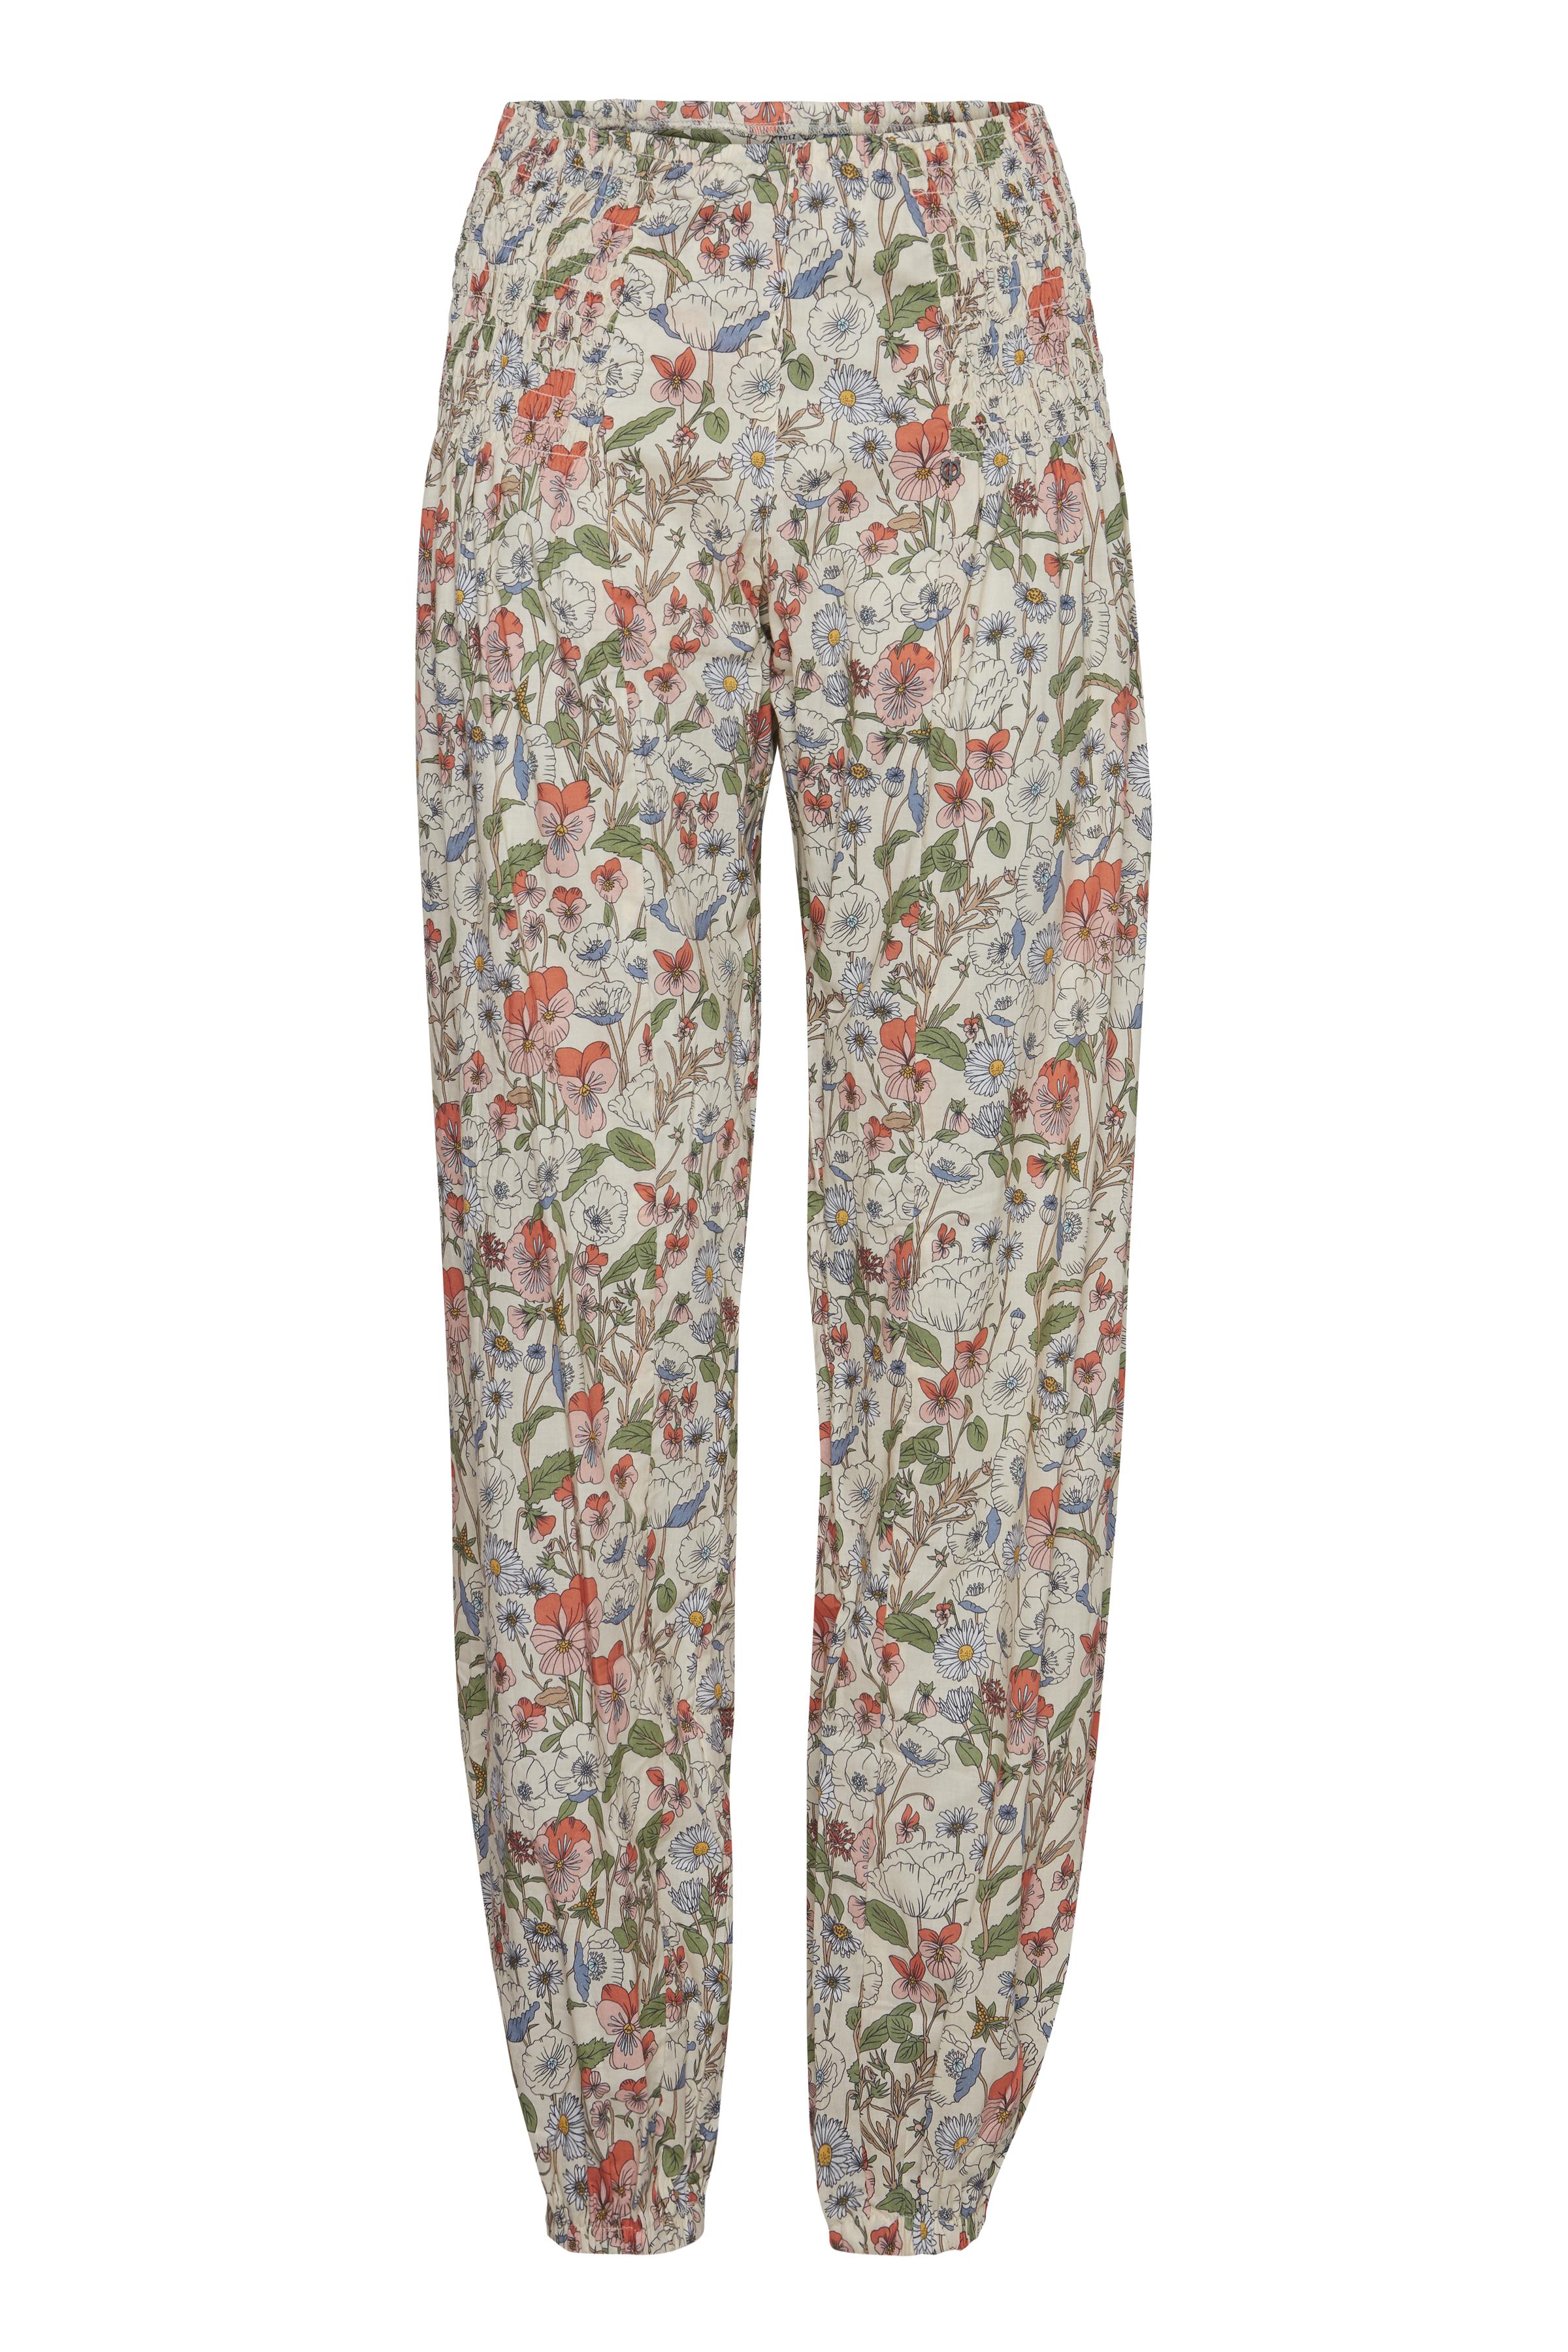 Pulz Jeans Dame Buks - Flower field printed